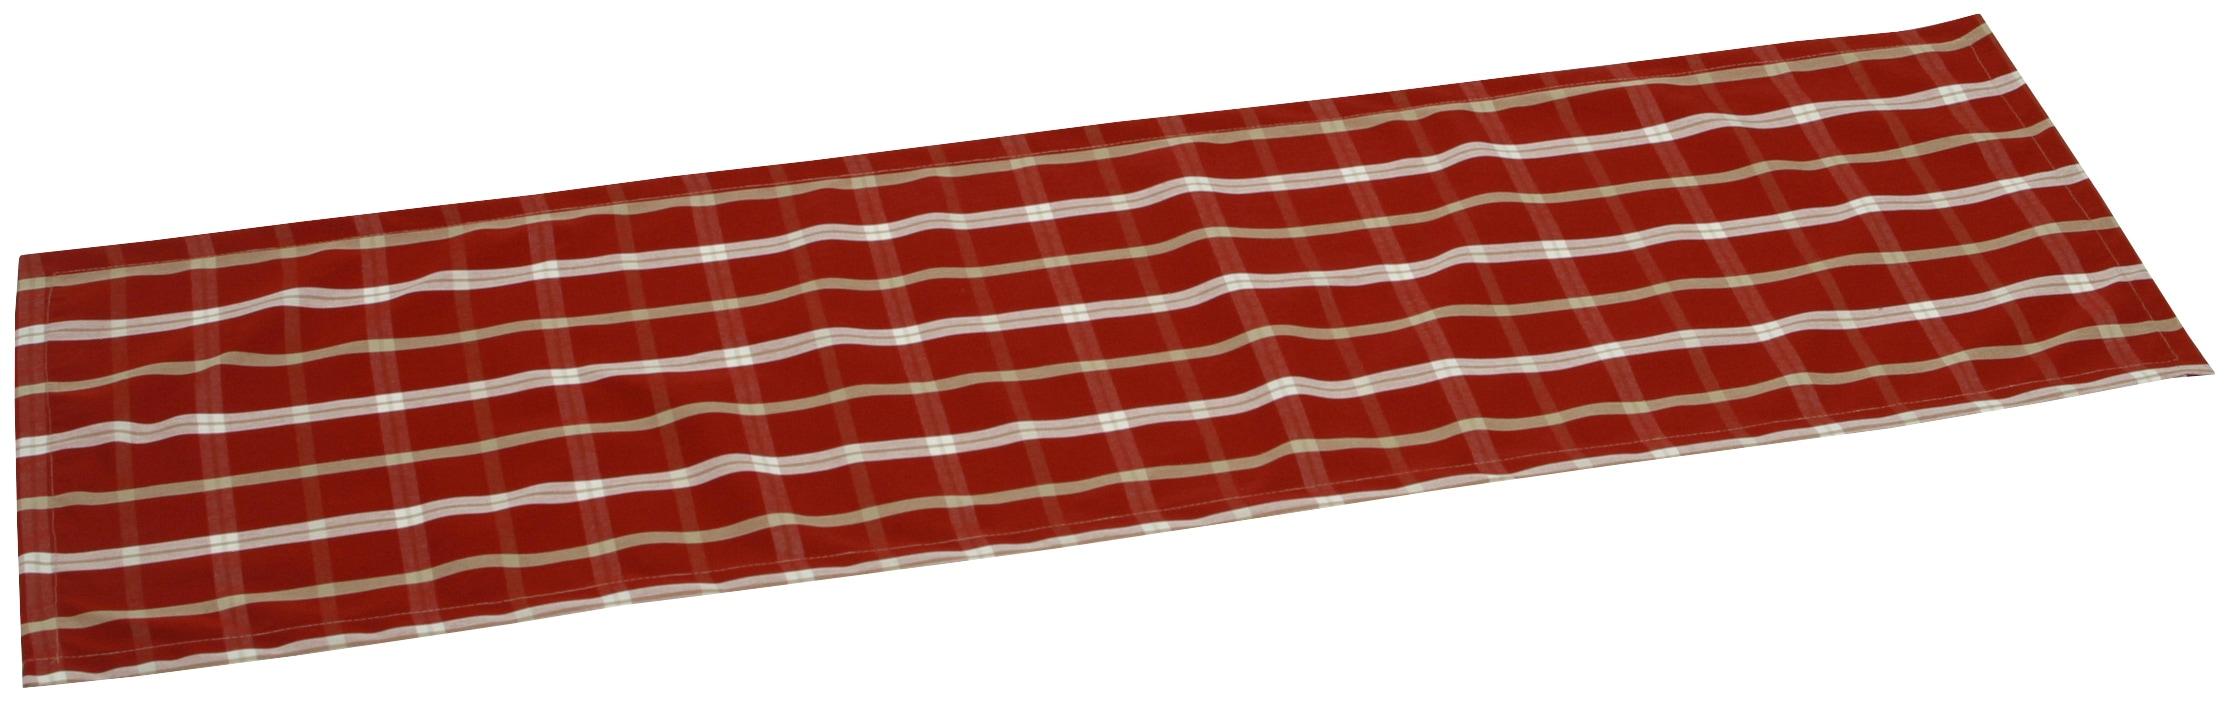 GO-DE Tischläufer, (2 St.) rot Tischläufer Tischwäsche